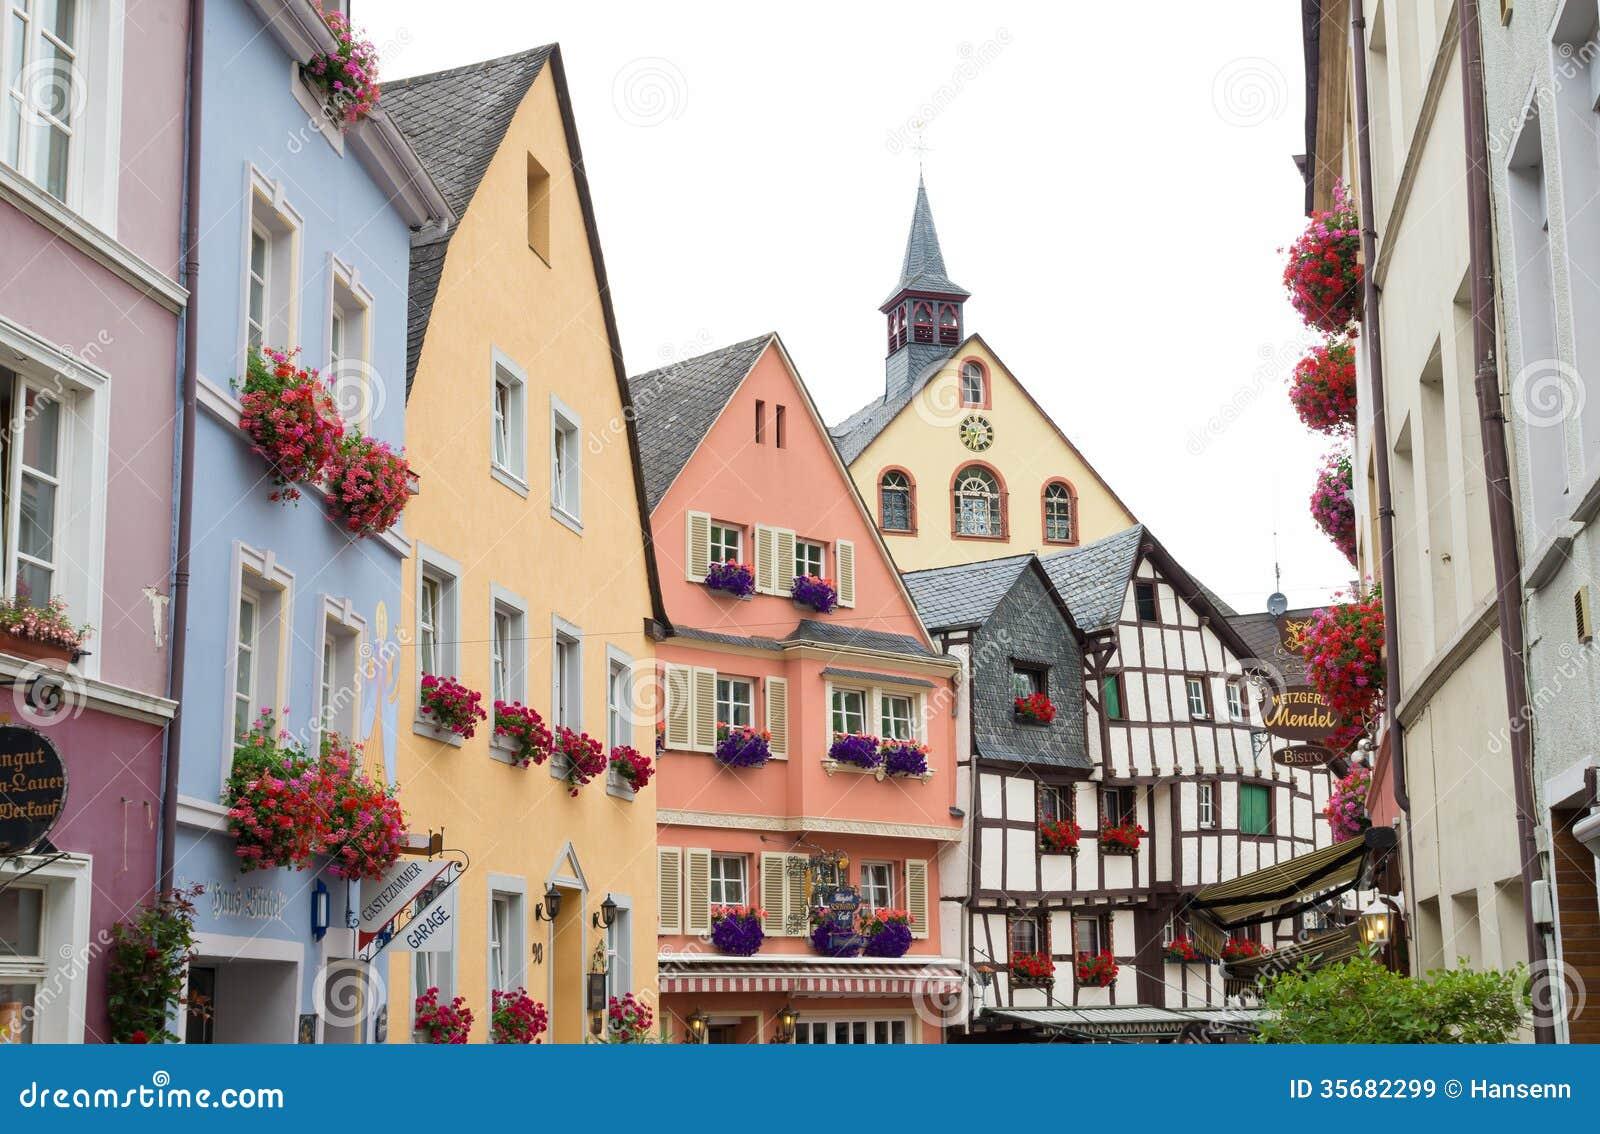 Case tradizionali in germania immagine stock immagine di for Case tradizionali